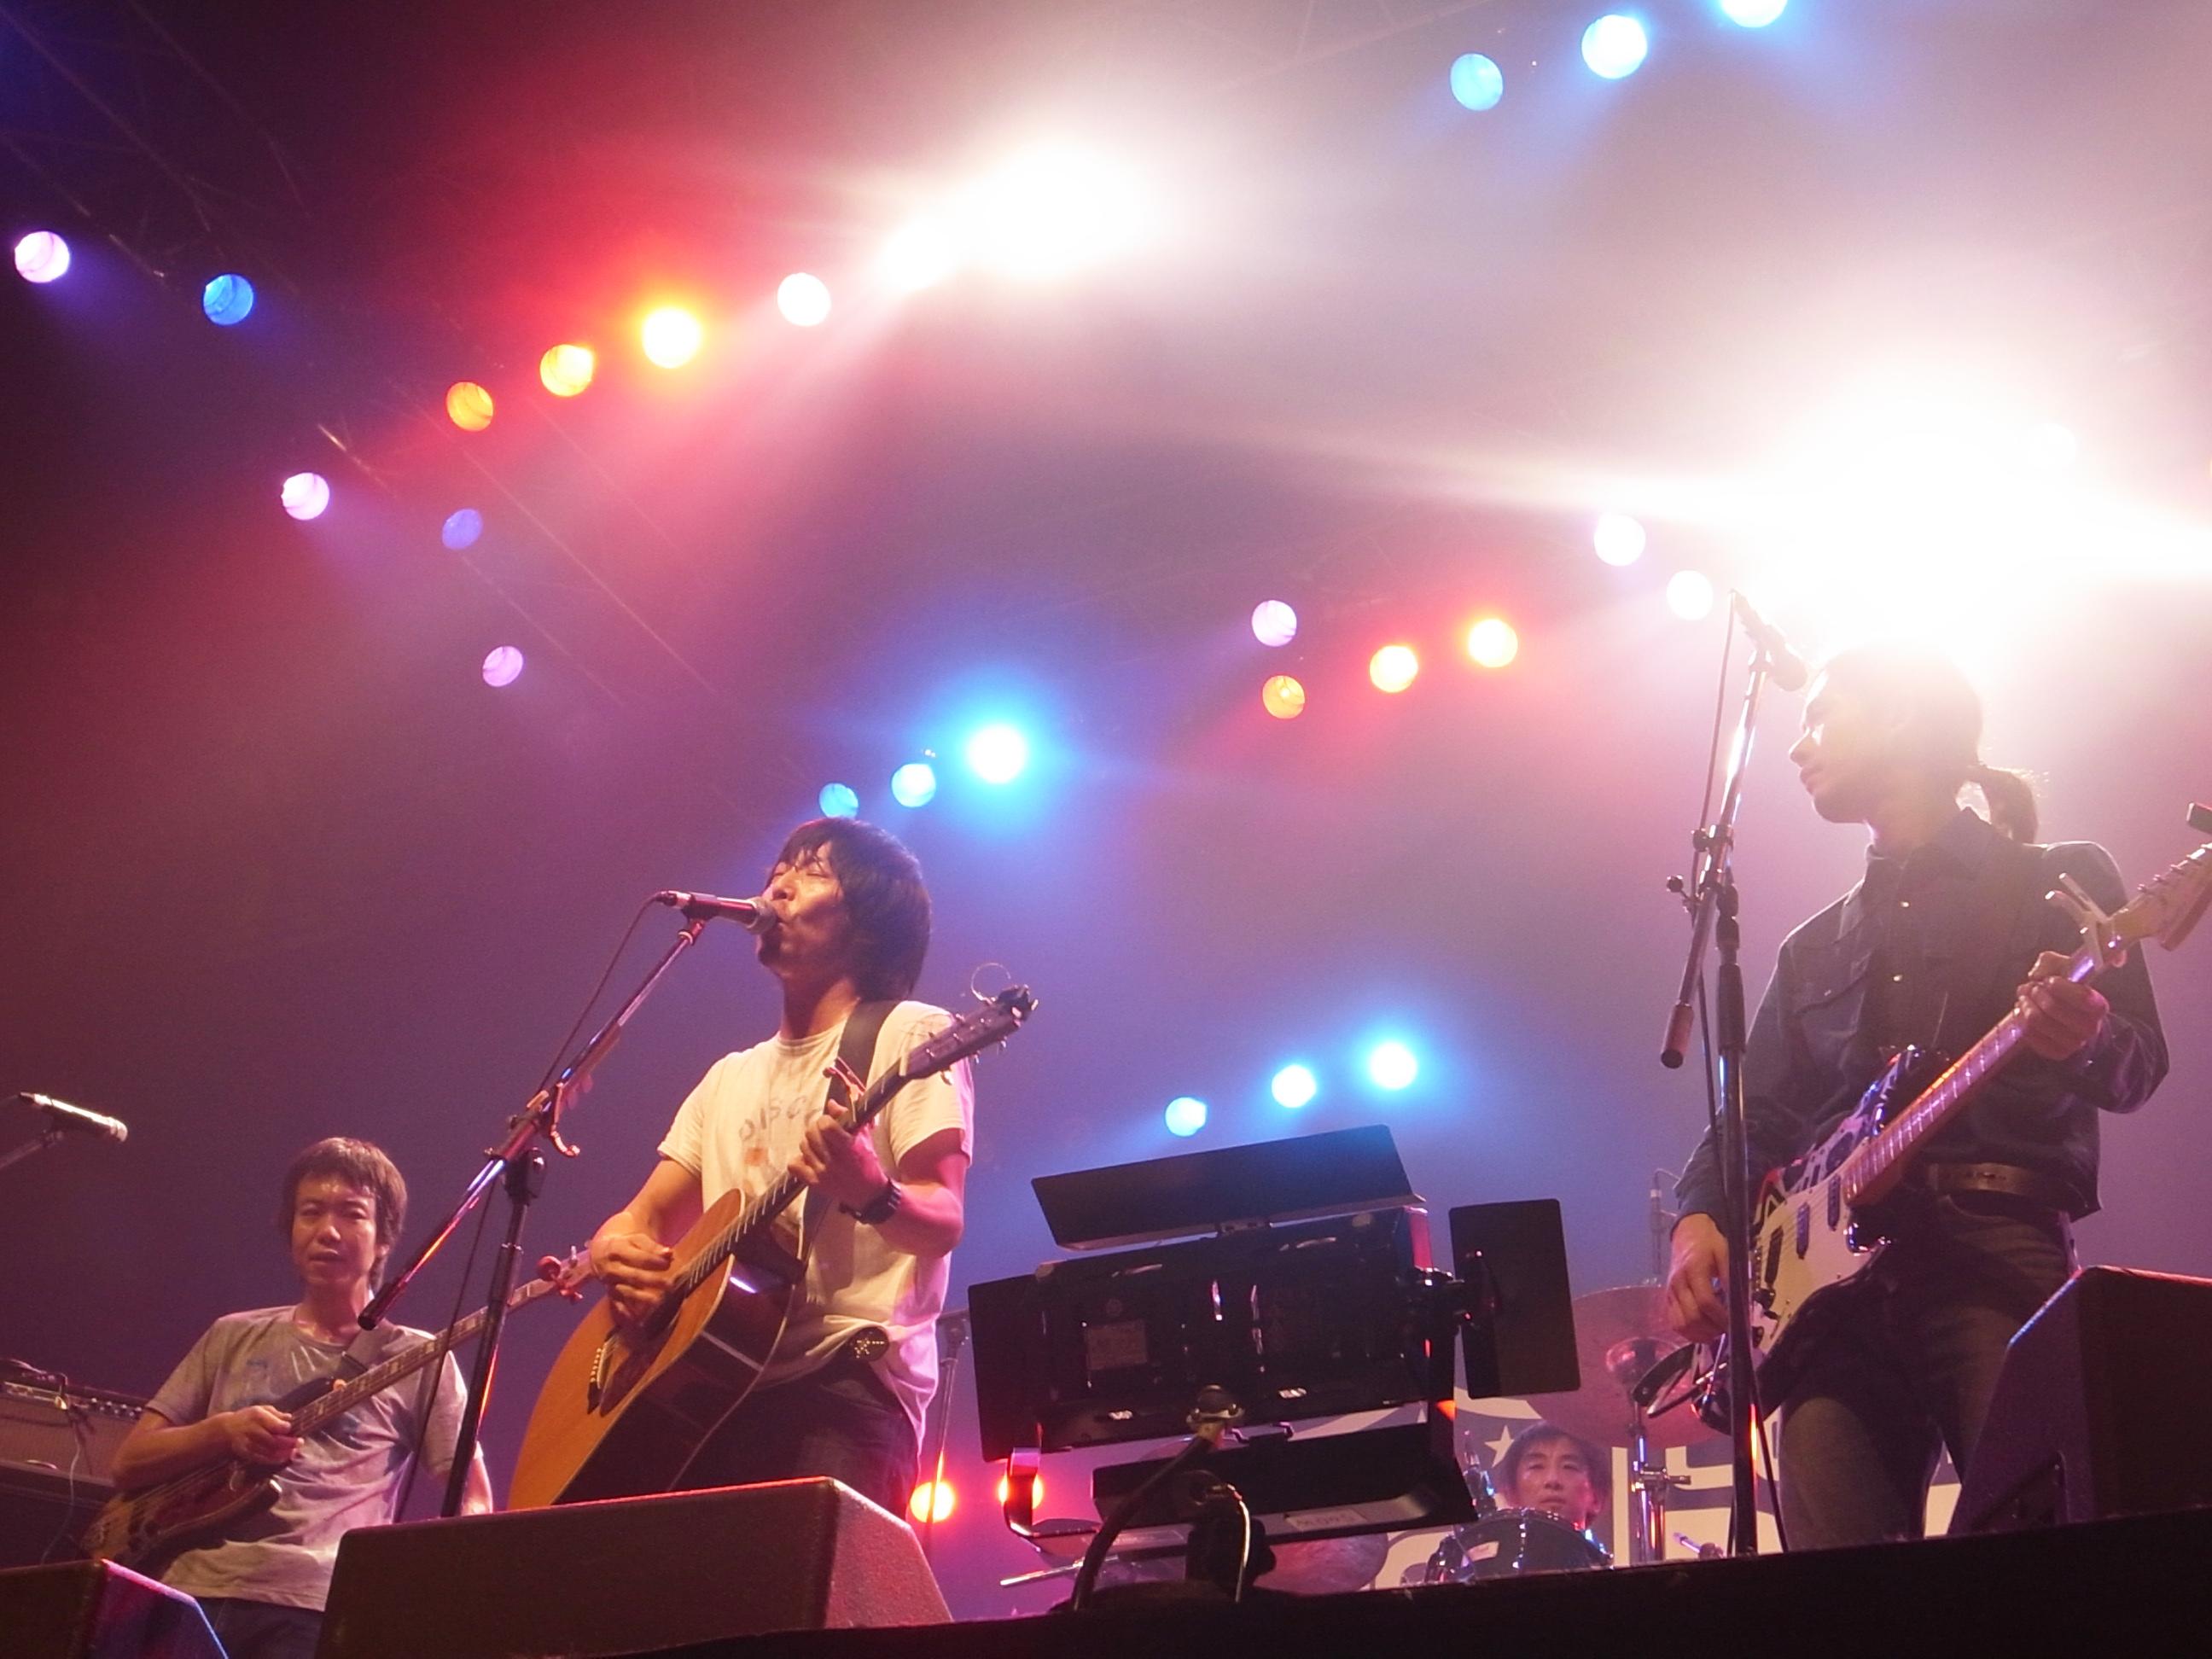 曽我部恵一BAND LIVEセットリストUPしました。12/30<COUNTDOWN JAPAN 12/13>@幕張メッセ国際展示場